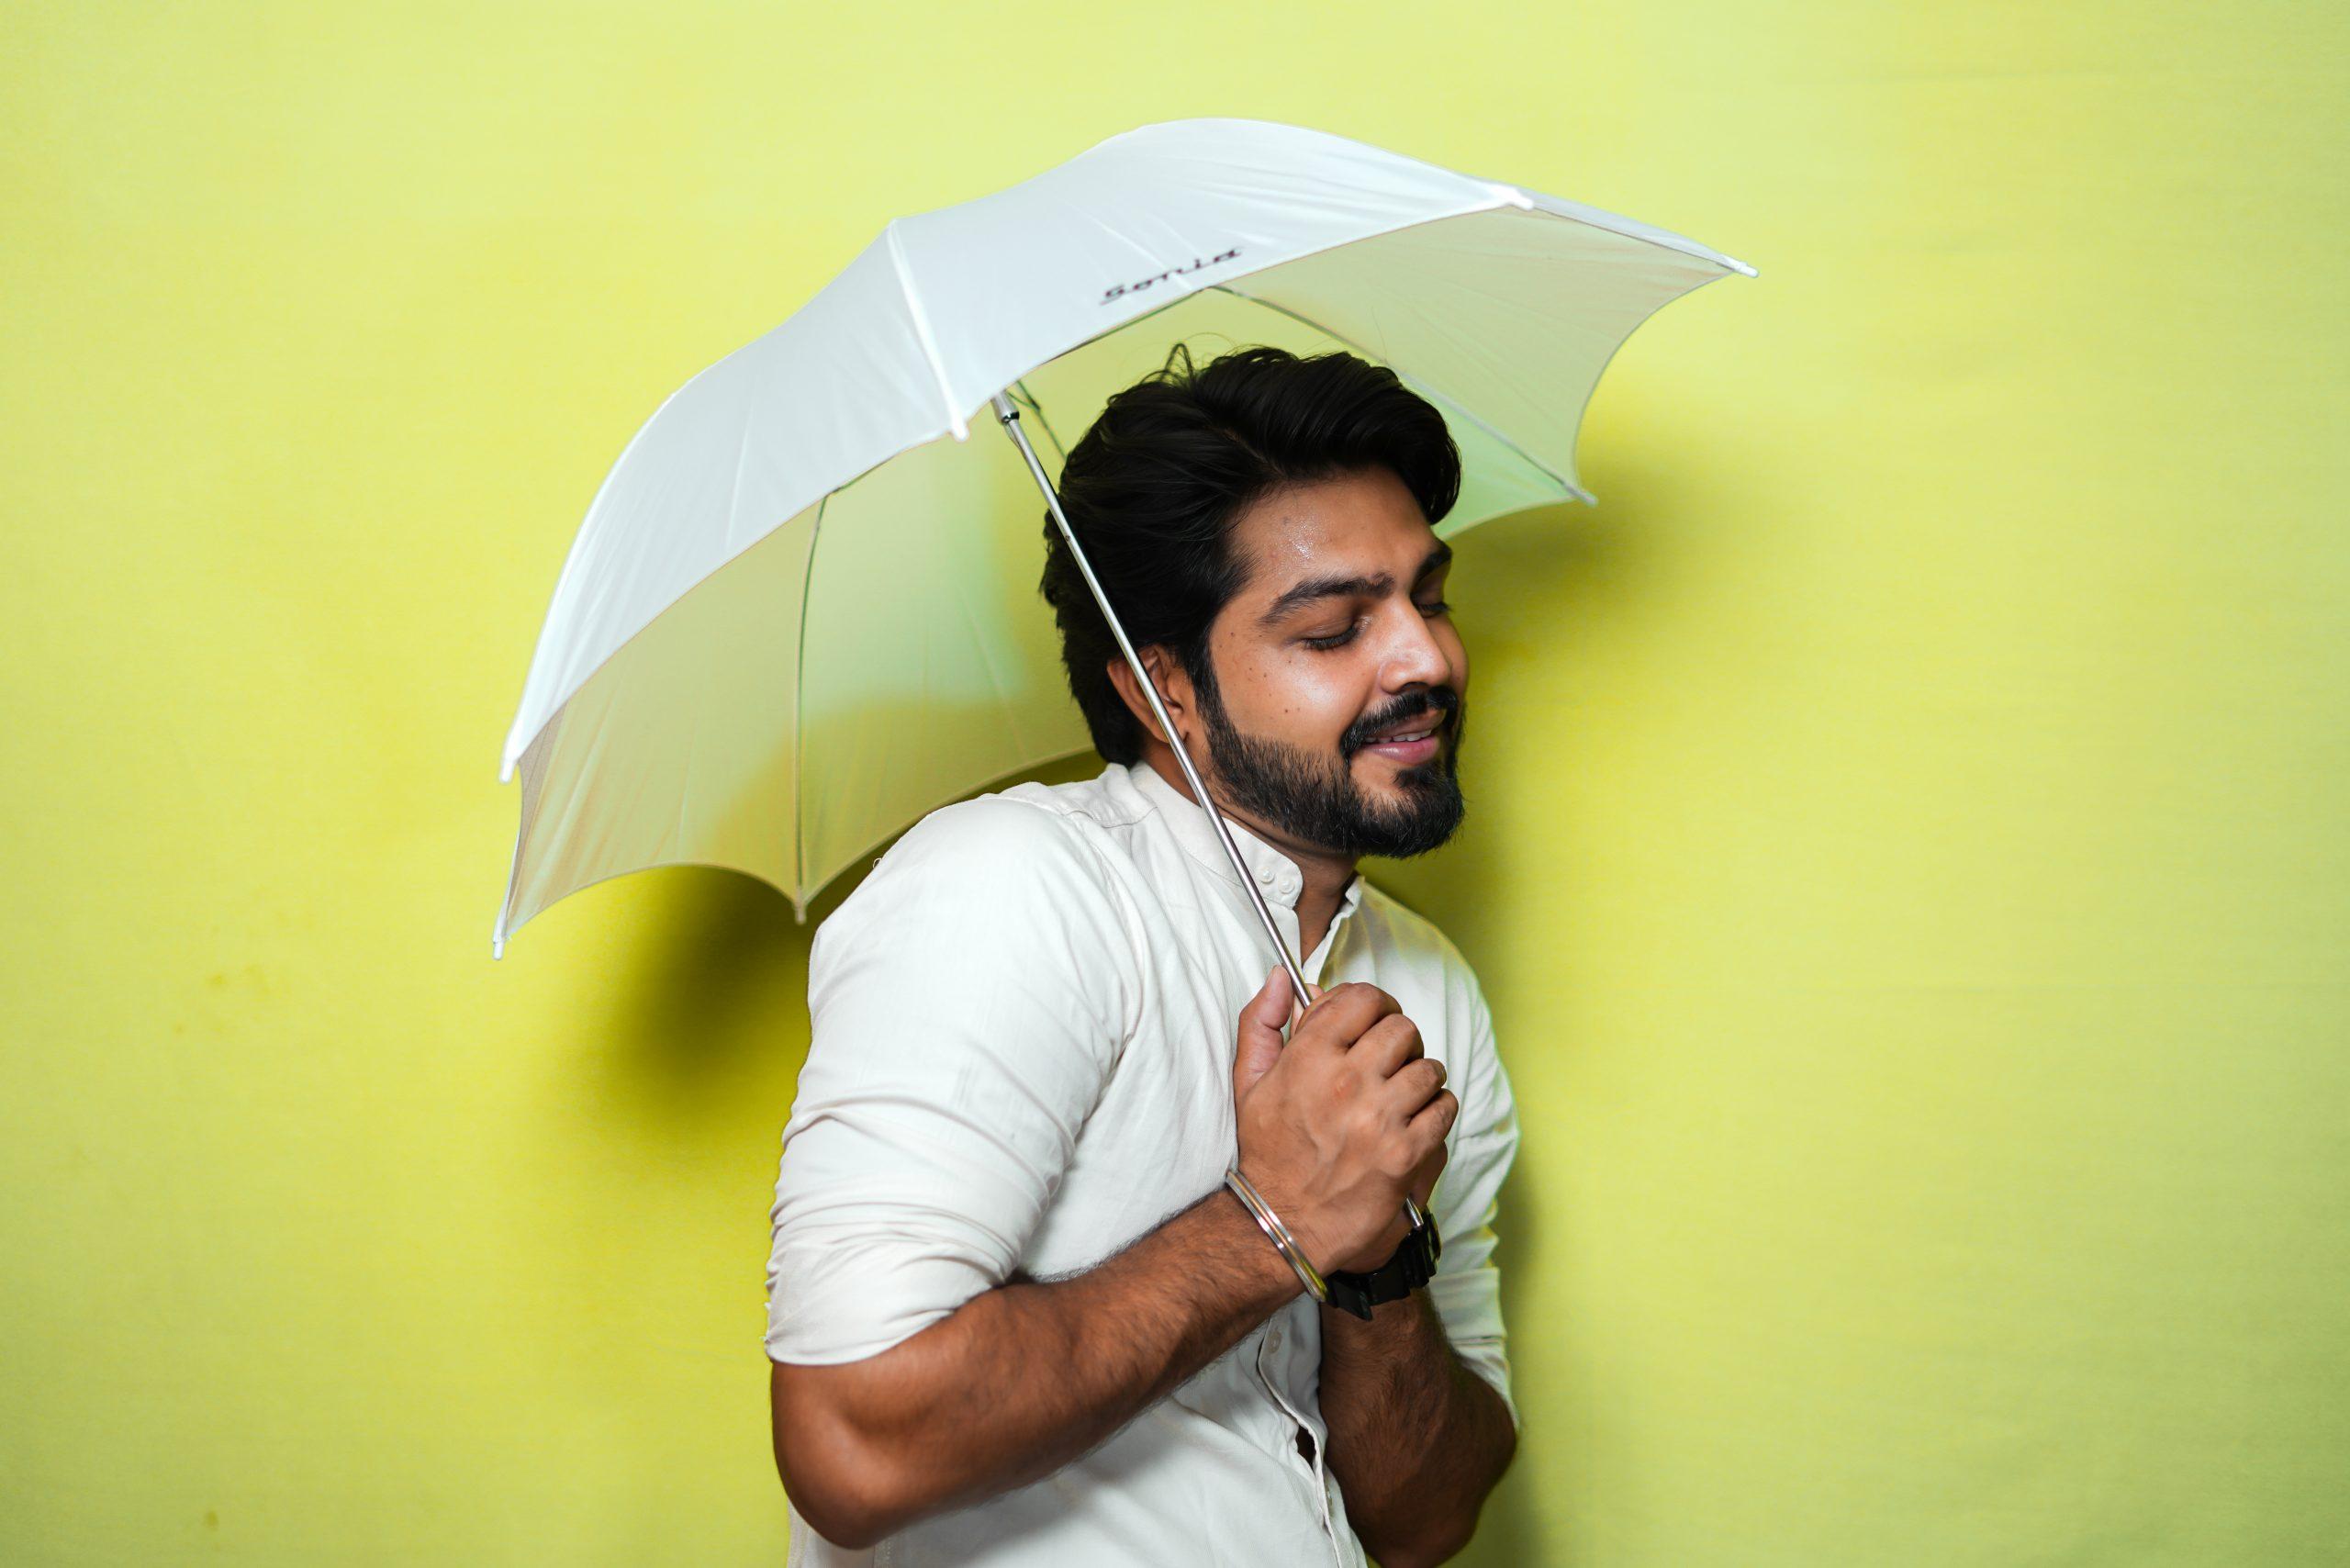 Man under an umbrella